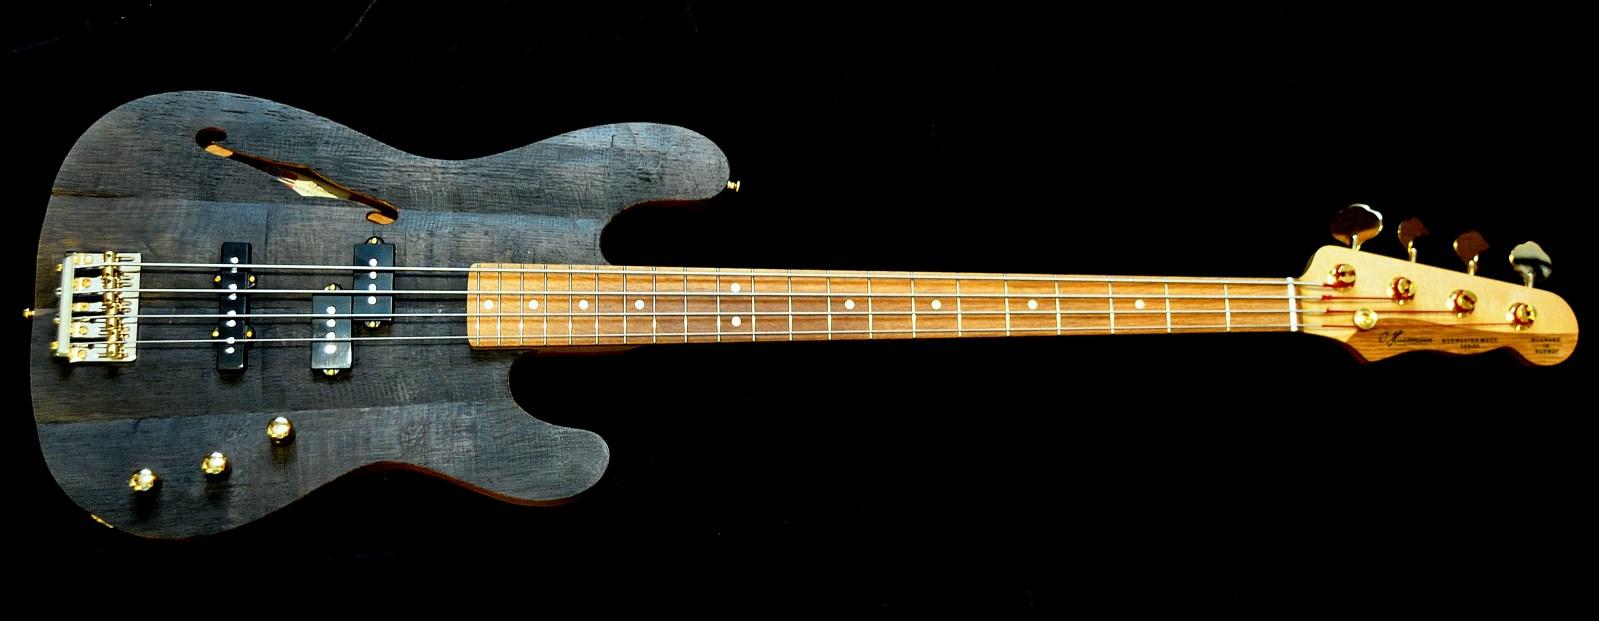 NWS Bass, Aquavit barrel